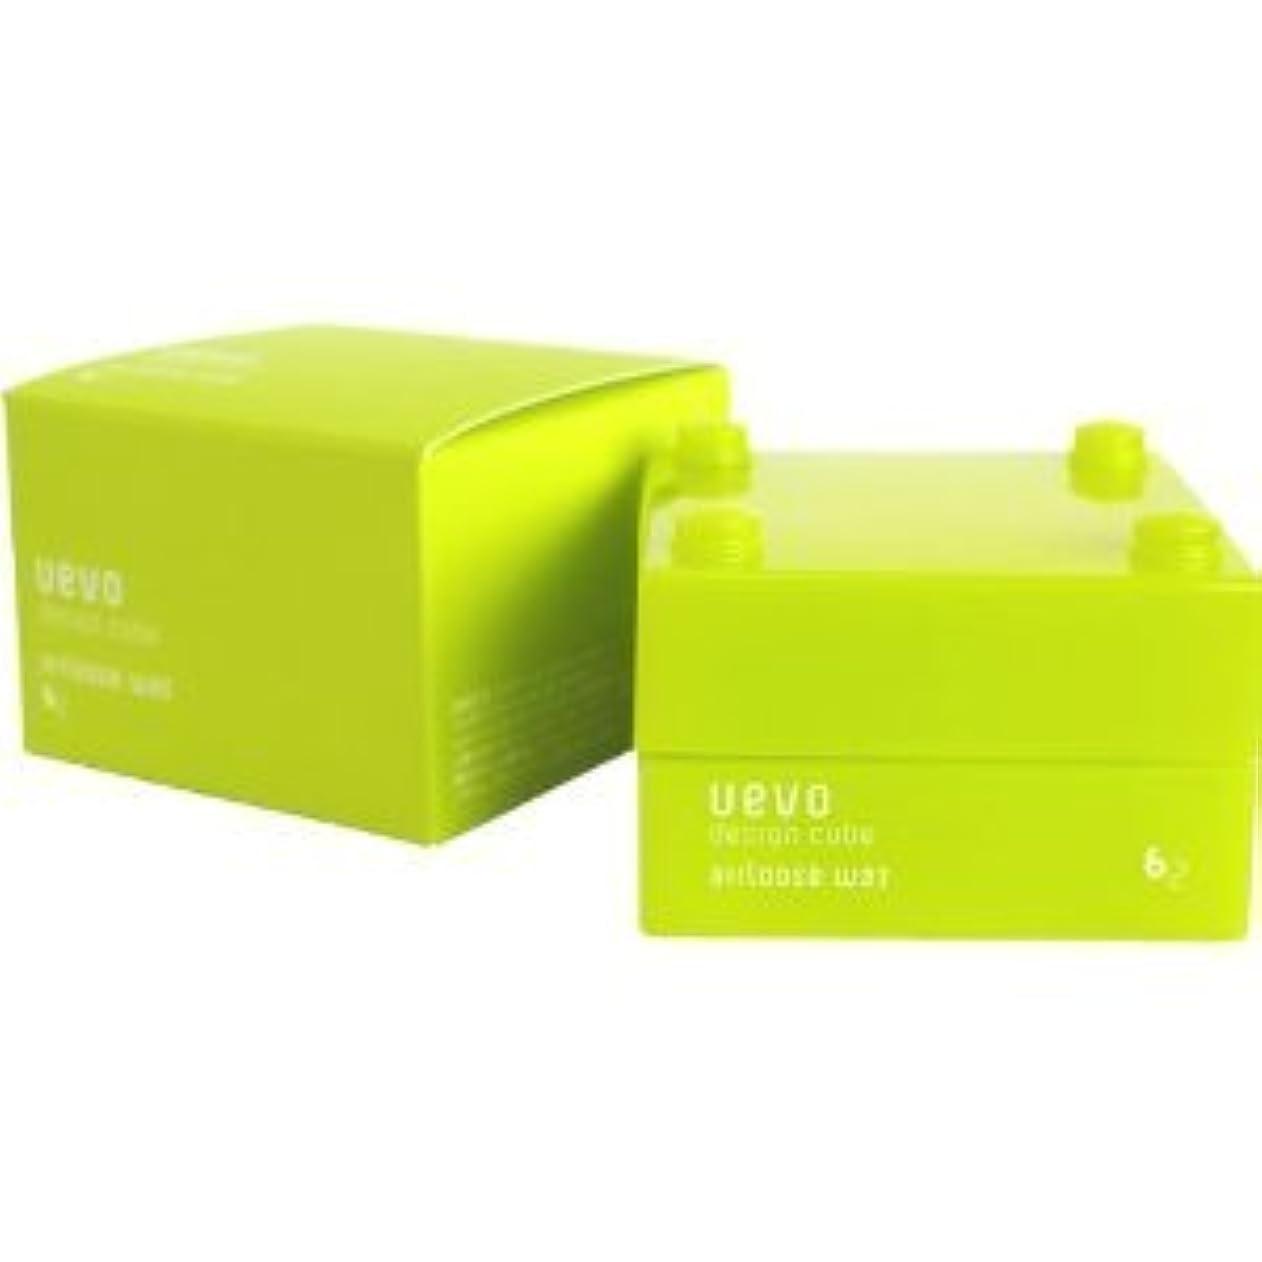 秀でる環境に優しい公園【X2個セット】 デミ ウェーボ デザインキューブ エアルーズワックス 30g airloose wax DEMI uevo design cube